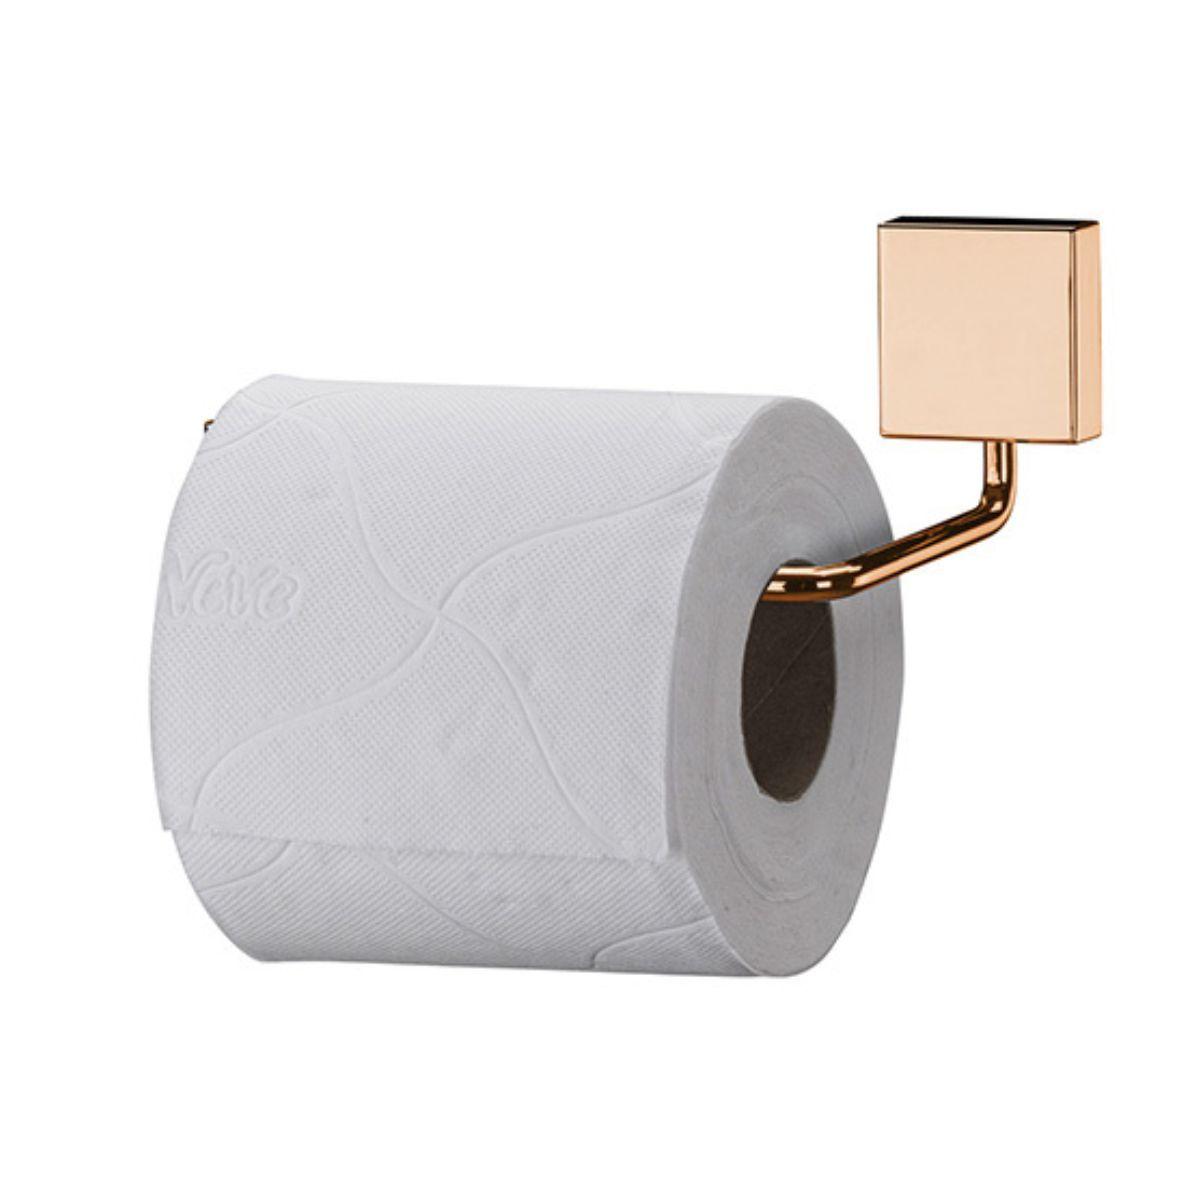 Kit Banheiro Cobre Rosé Gold 5 Peças Fixação Parafuso Aço